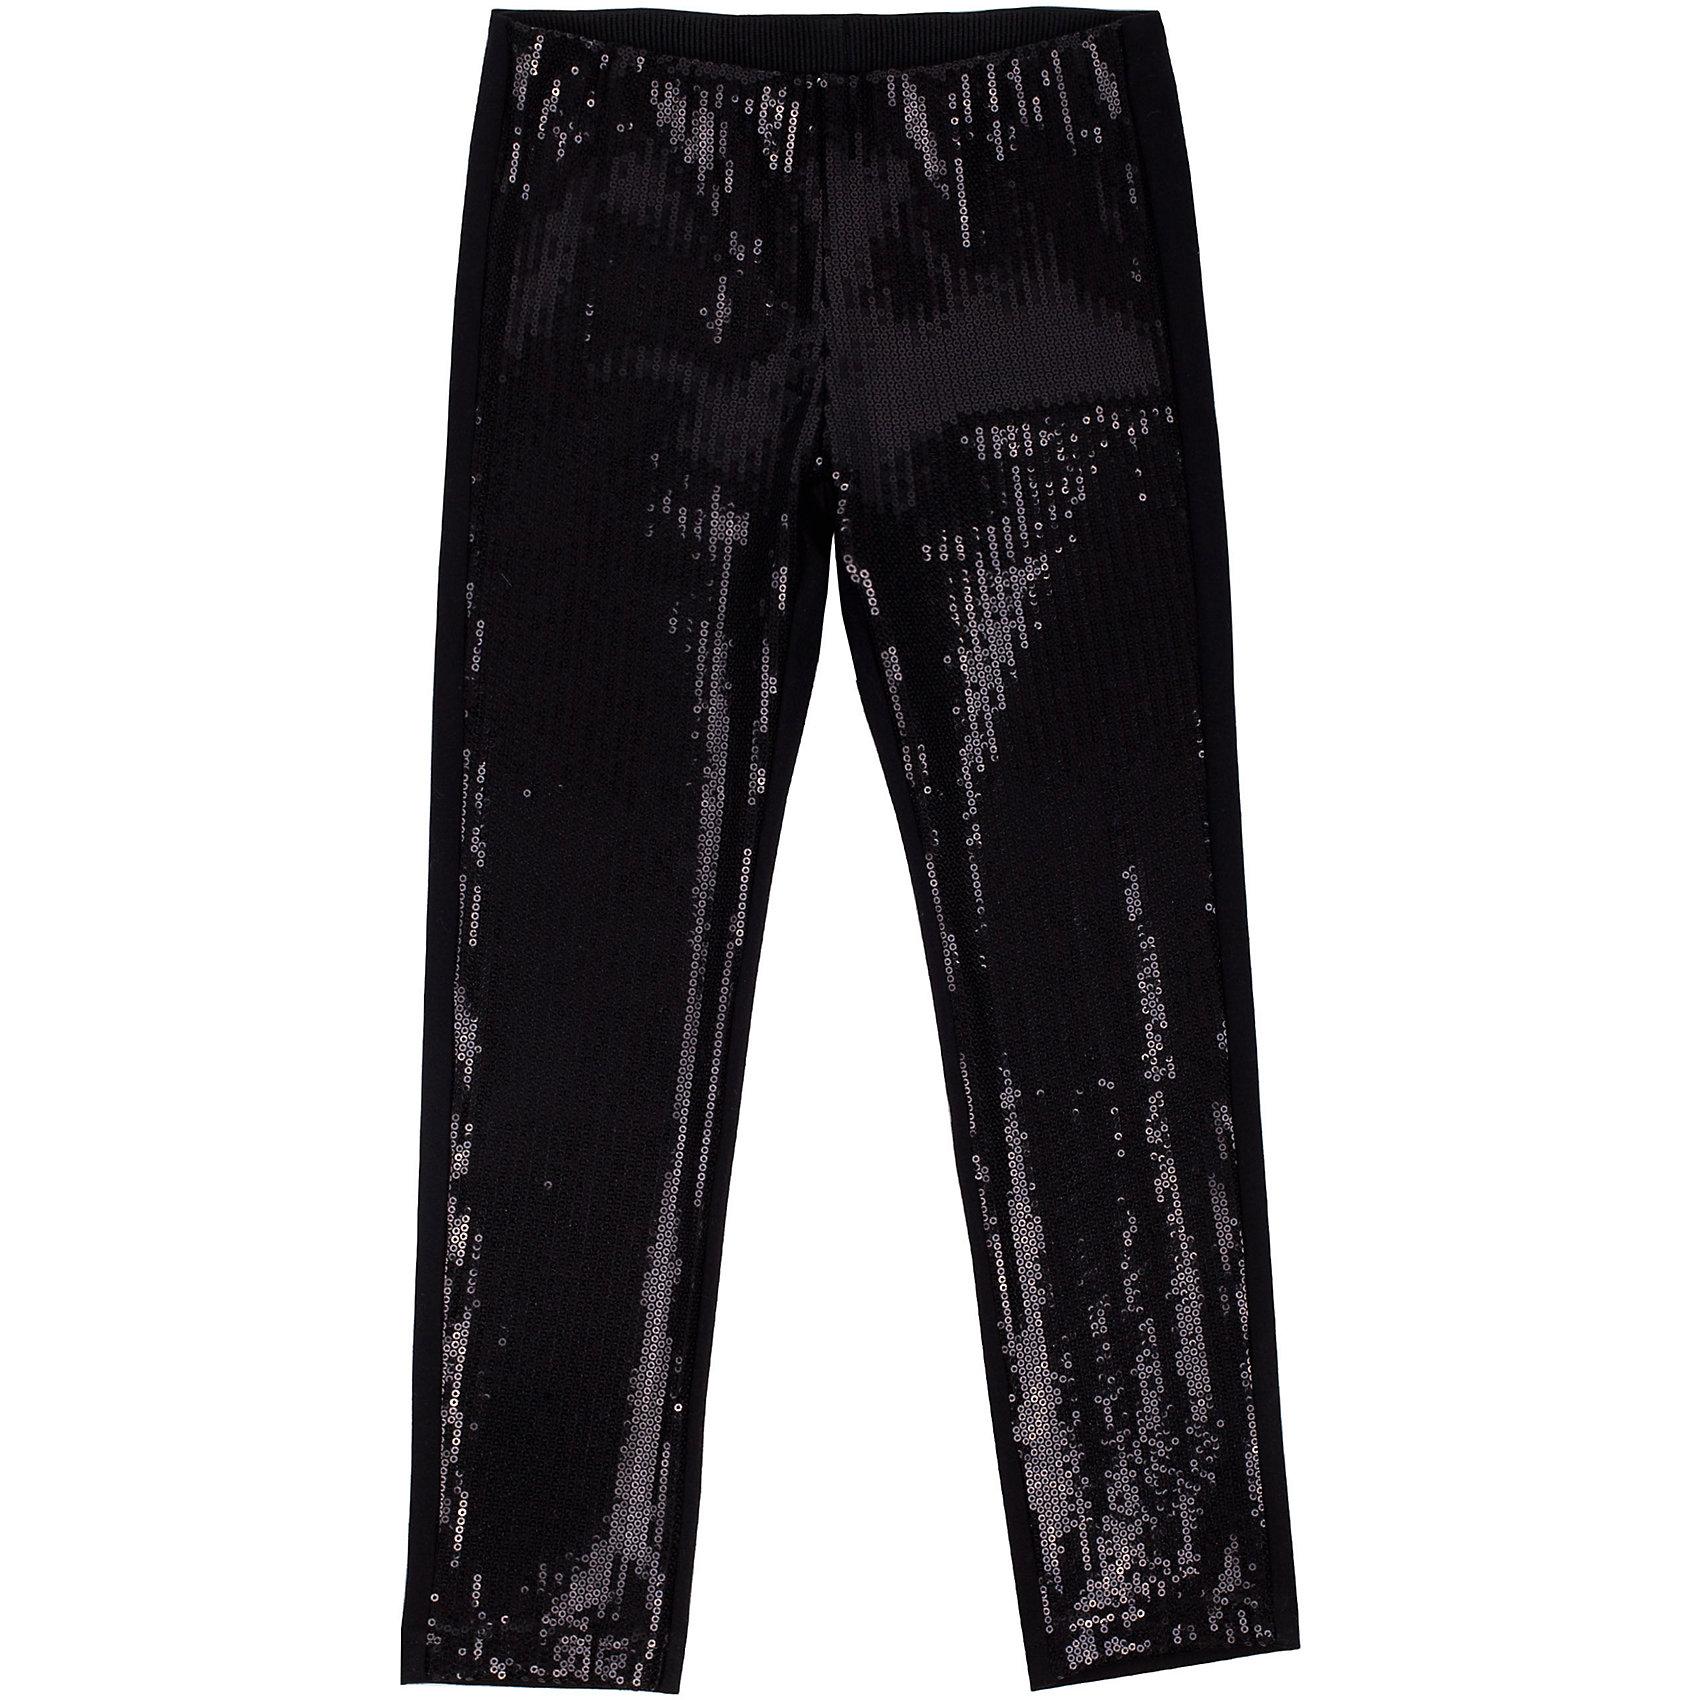 Брюки для девочки GulliverЛеггинсы<br>Брюки для девочки от известного бренда Gulliver.<br>Модные брюки, передняя часть которых расшита сияющими пайетками - мечта каждой модницы! Они прекрасно дополняют любой светлый топ или блузку, делая образ ярким и даже экстравагантным. Если ваш ребенок любому платью предпочтет брючный комплект, вам стоит купить черные брюки с блестящими пайетками. Брюки создадут праздничное настроение и сделают нарядный образ ребенка интересным и привлекательным.<br>Состав:<br>верх: 100% полиэстер/ 24% вискоза 72% полиэстер 4% эластан; подкладка: 95% хлопок 5% эластан<br><br>Ширина мм: 215<br>Глубина мм: 88<br>Высота мм: 191<br>Вес г: 336<br>Цвет: черный<br>Возраст от месяцев: 36<br>Возраст до месяцев: 48<br>Пол: Женский<br>Возраст: Детский<br>Размер: 104,98,116,110<br>SKU: 5103509